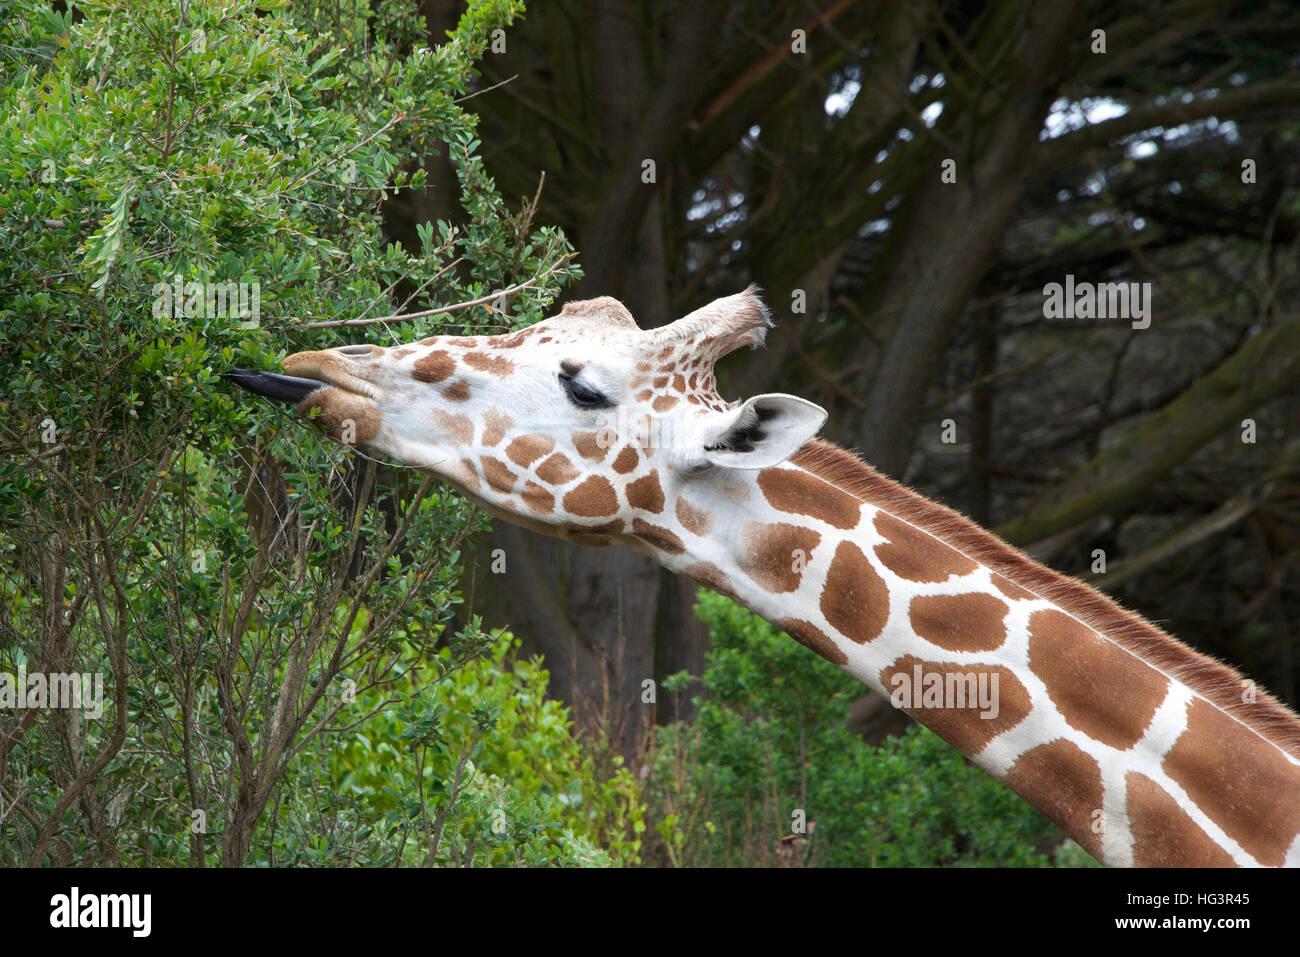 Giraffe Essen Baum Blätter Zunge heraus, um Blätter zu greifen. Stockbild